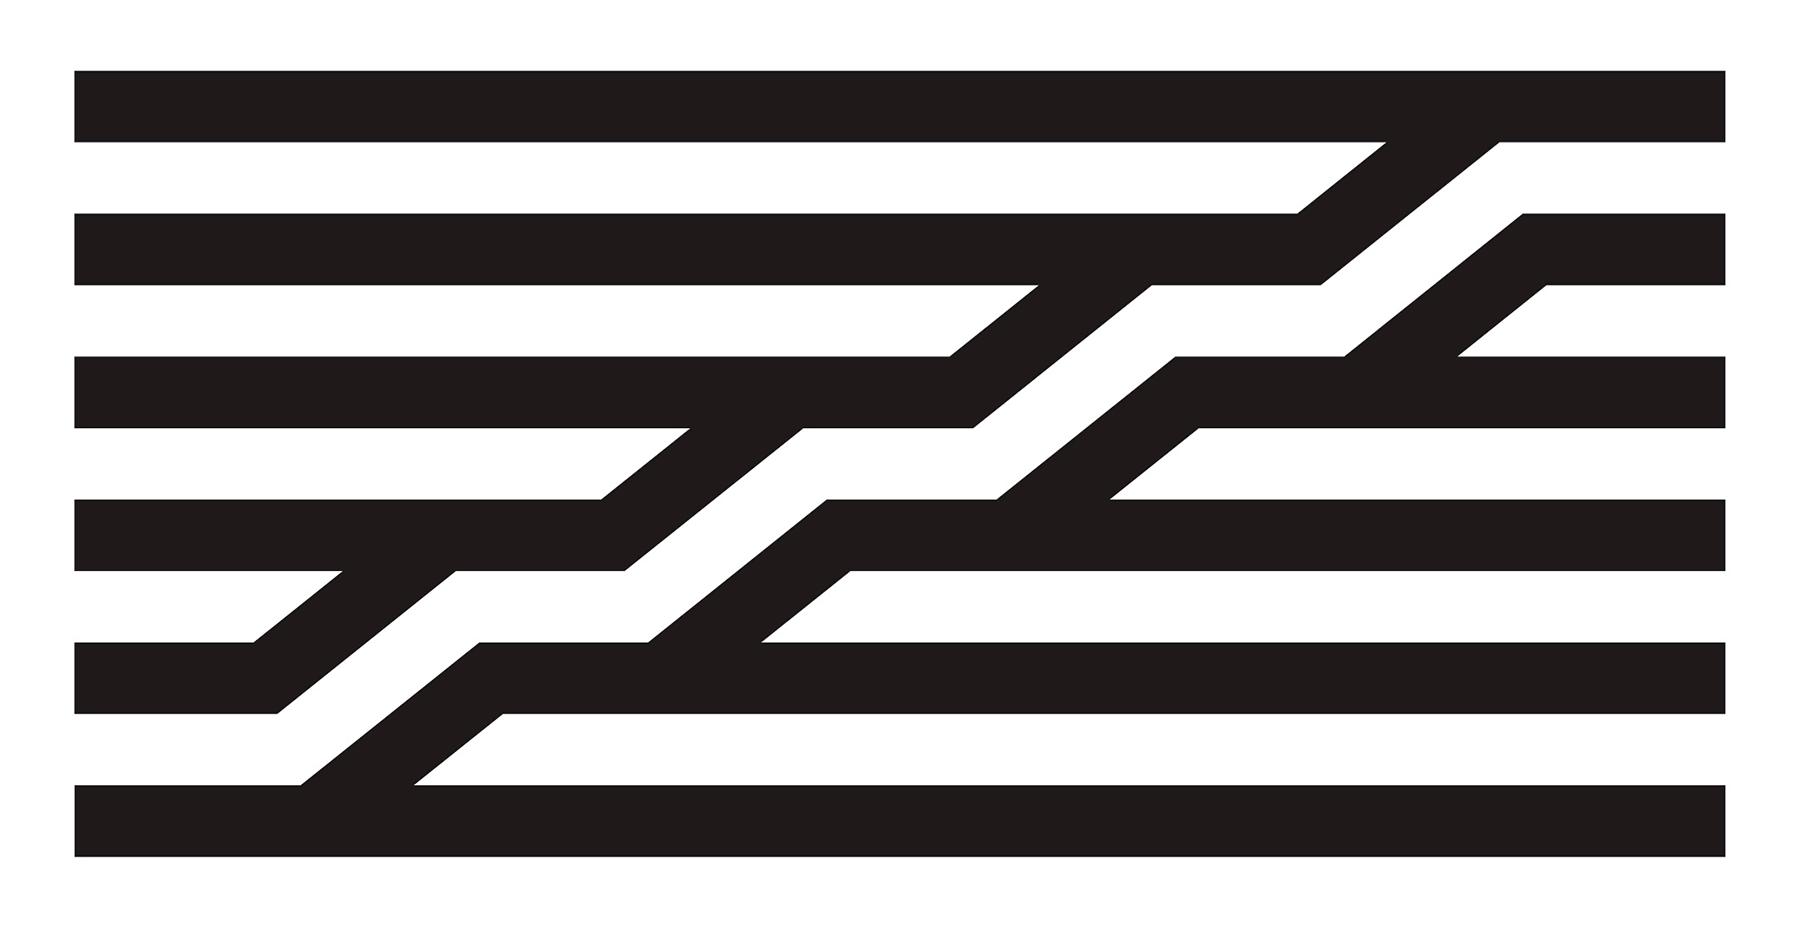 Centre georges pompidou expositions 2018 dossier artistikrezo paris